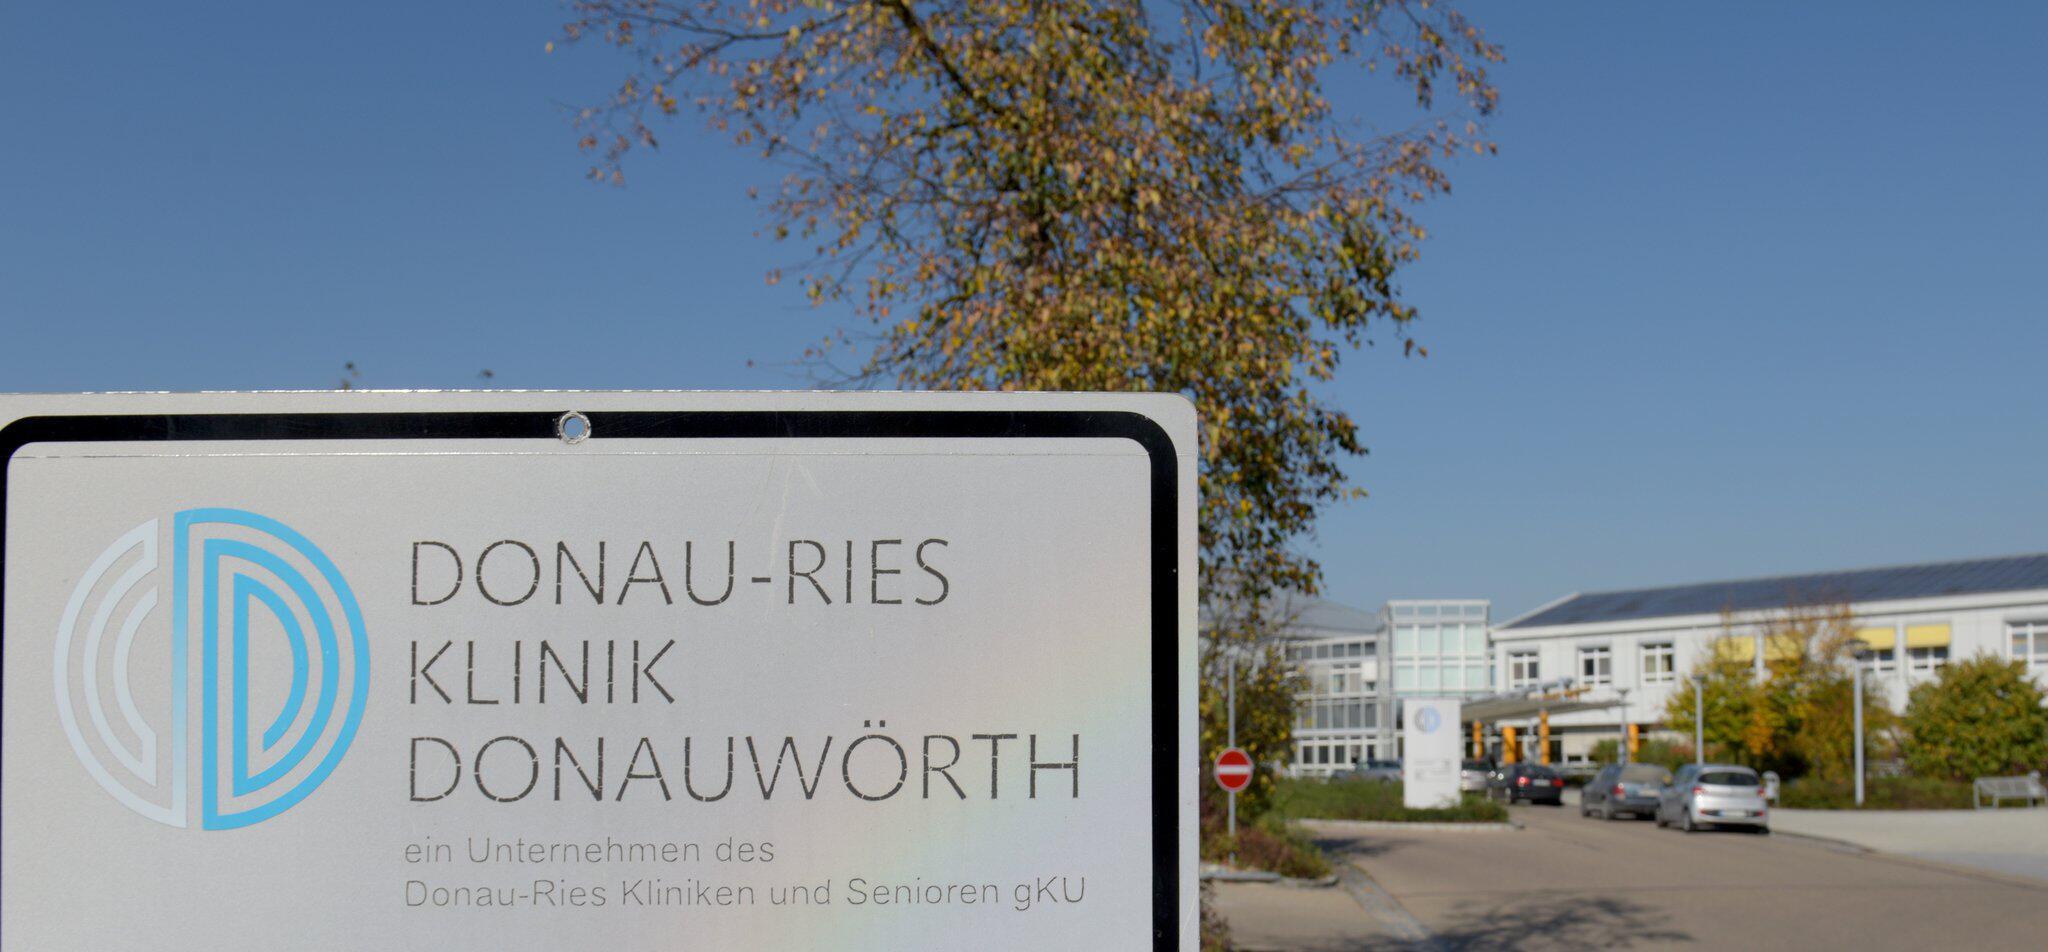 Bild zu Donau-Ries Klinik Donauwörth